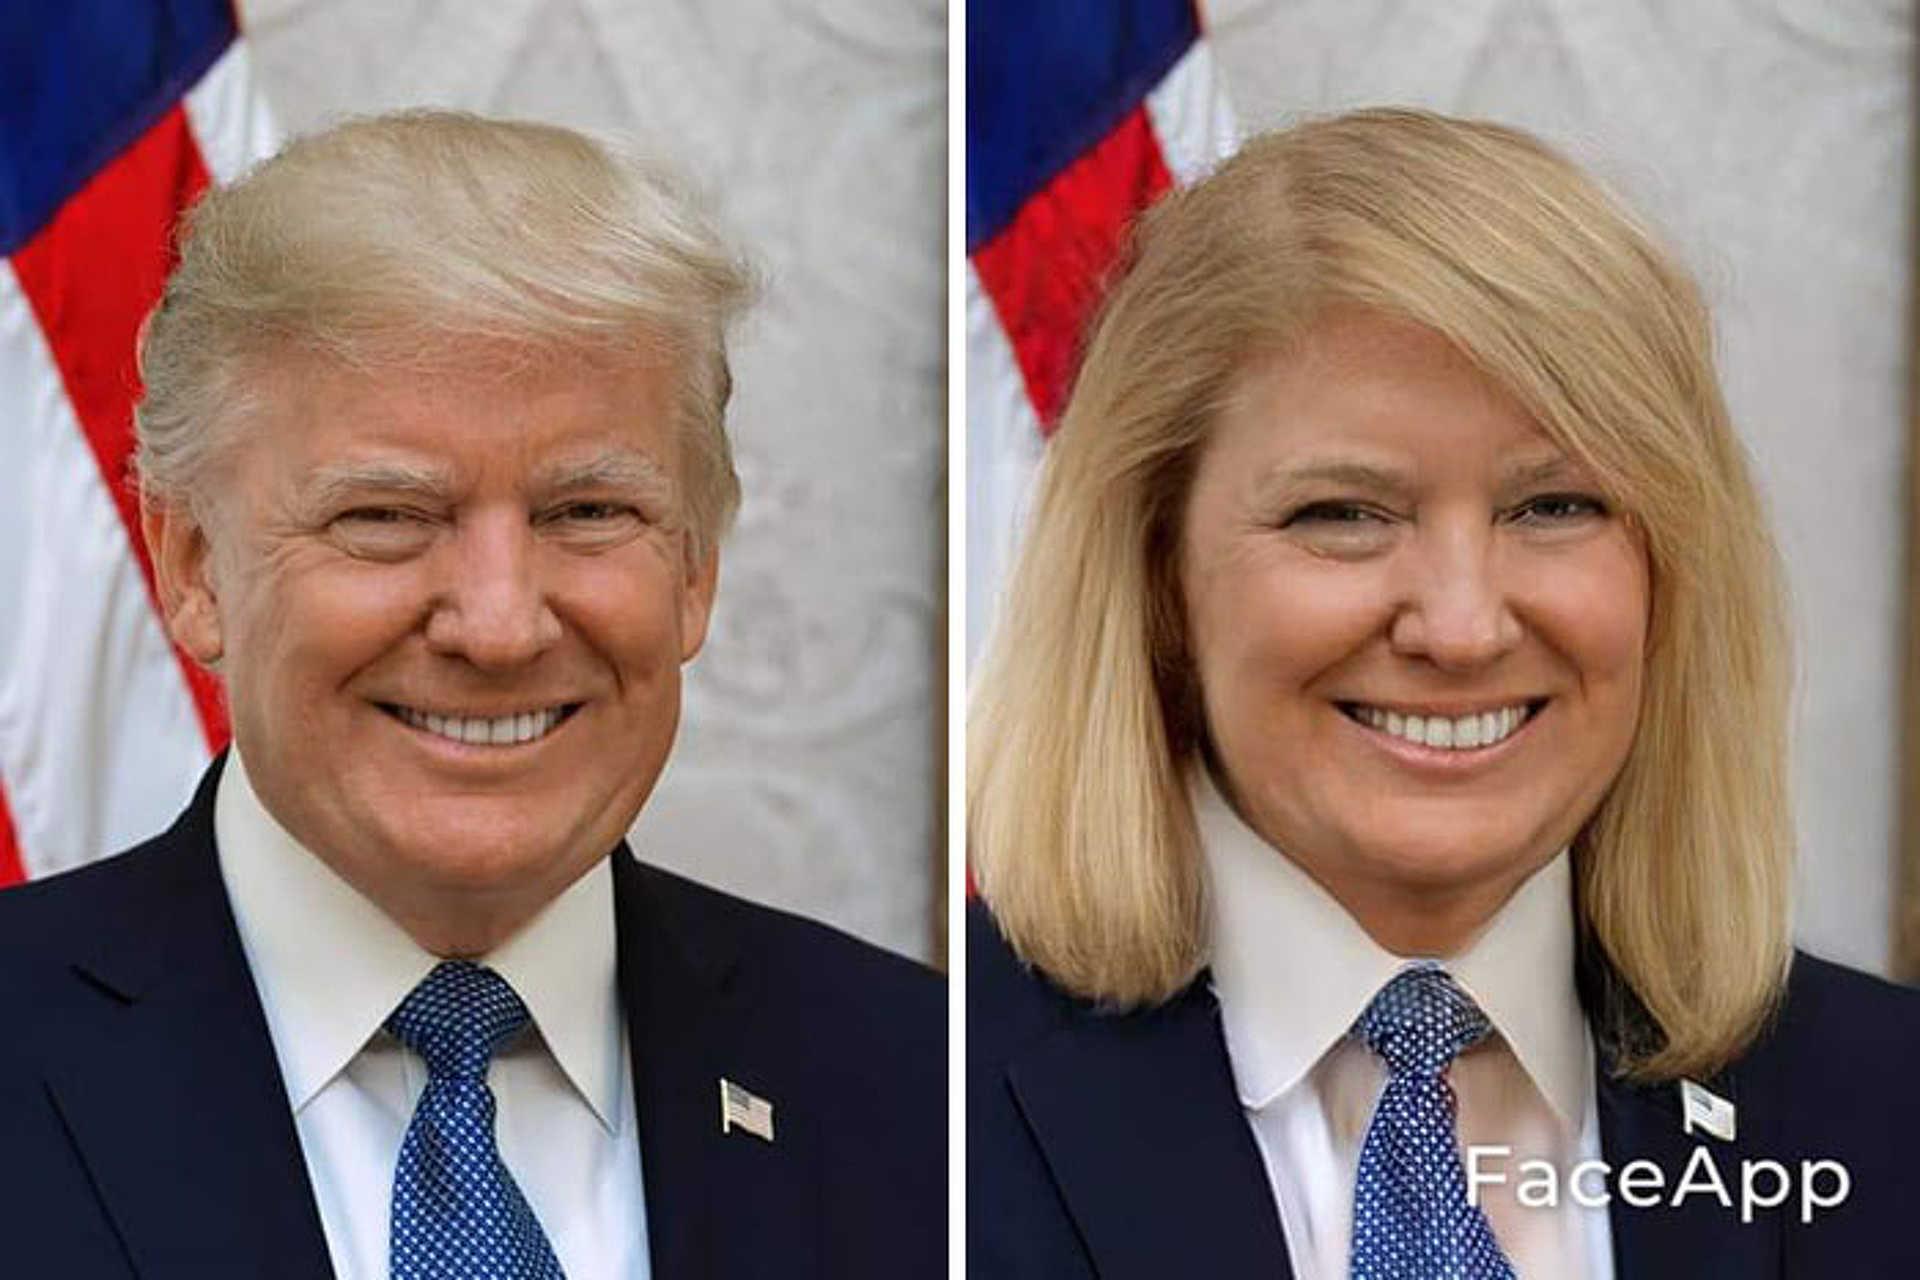 gender-swap